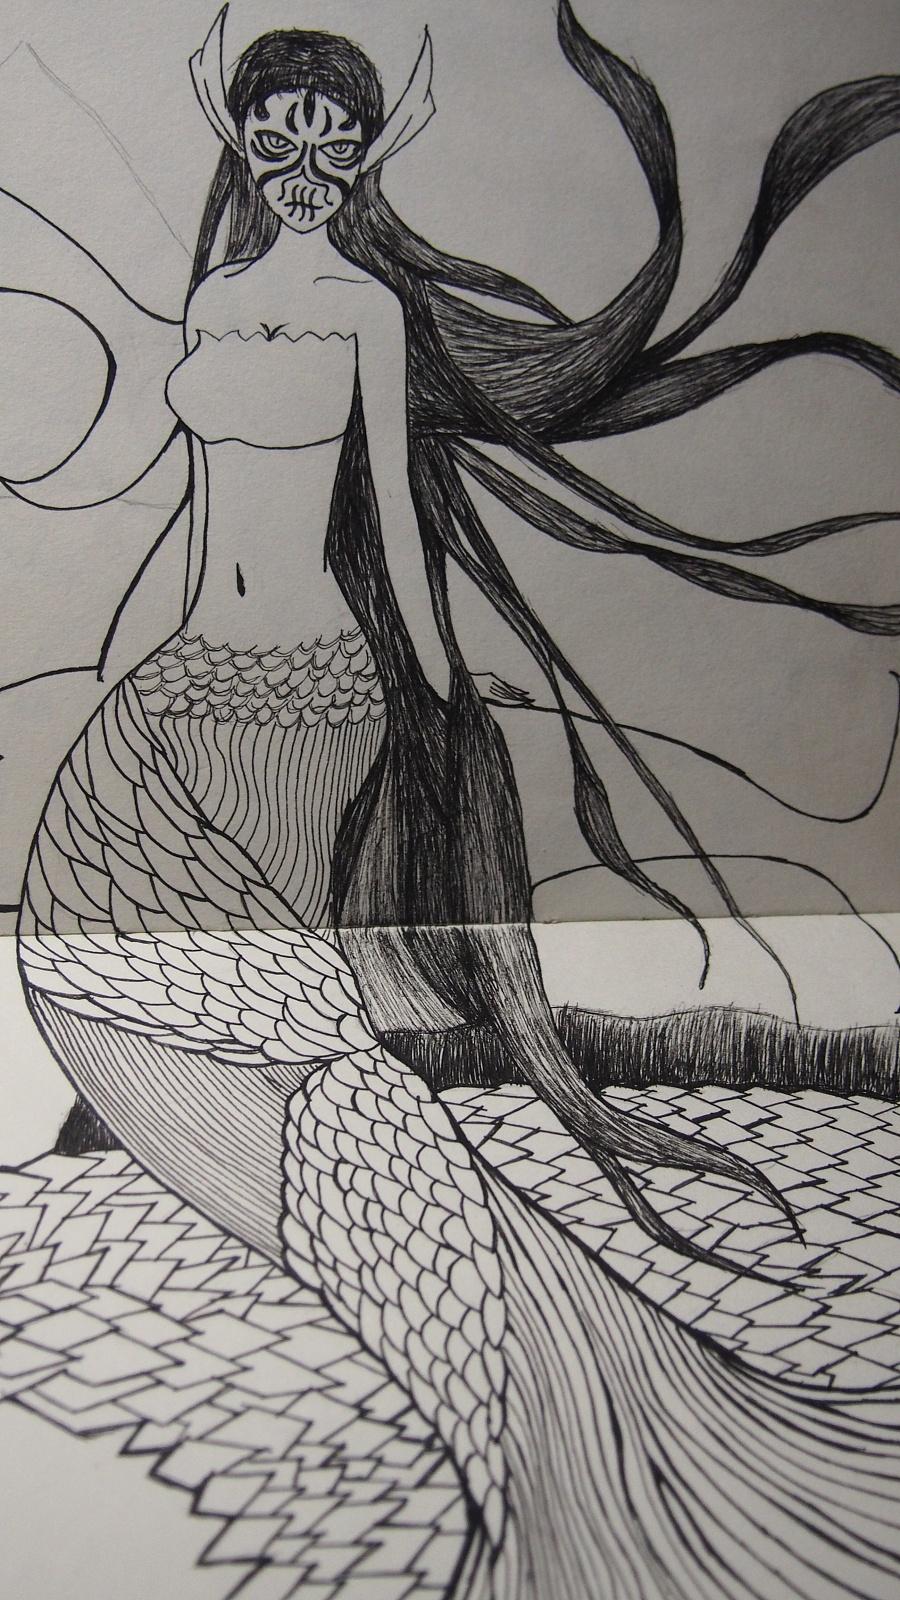 简笔画 手绘 素描 线稿 900_1600 竖版 竖屏